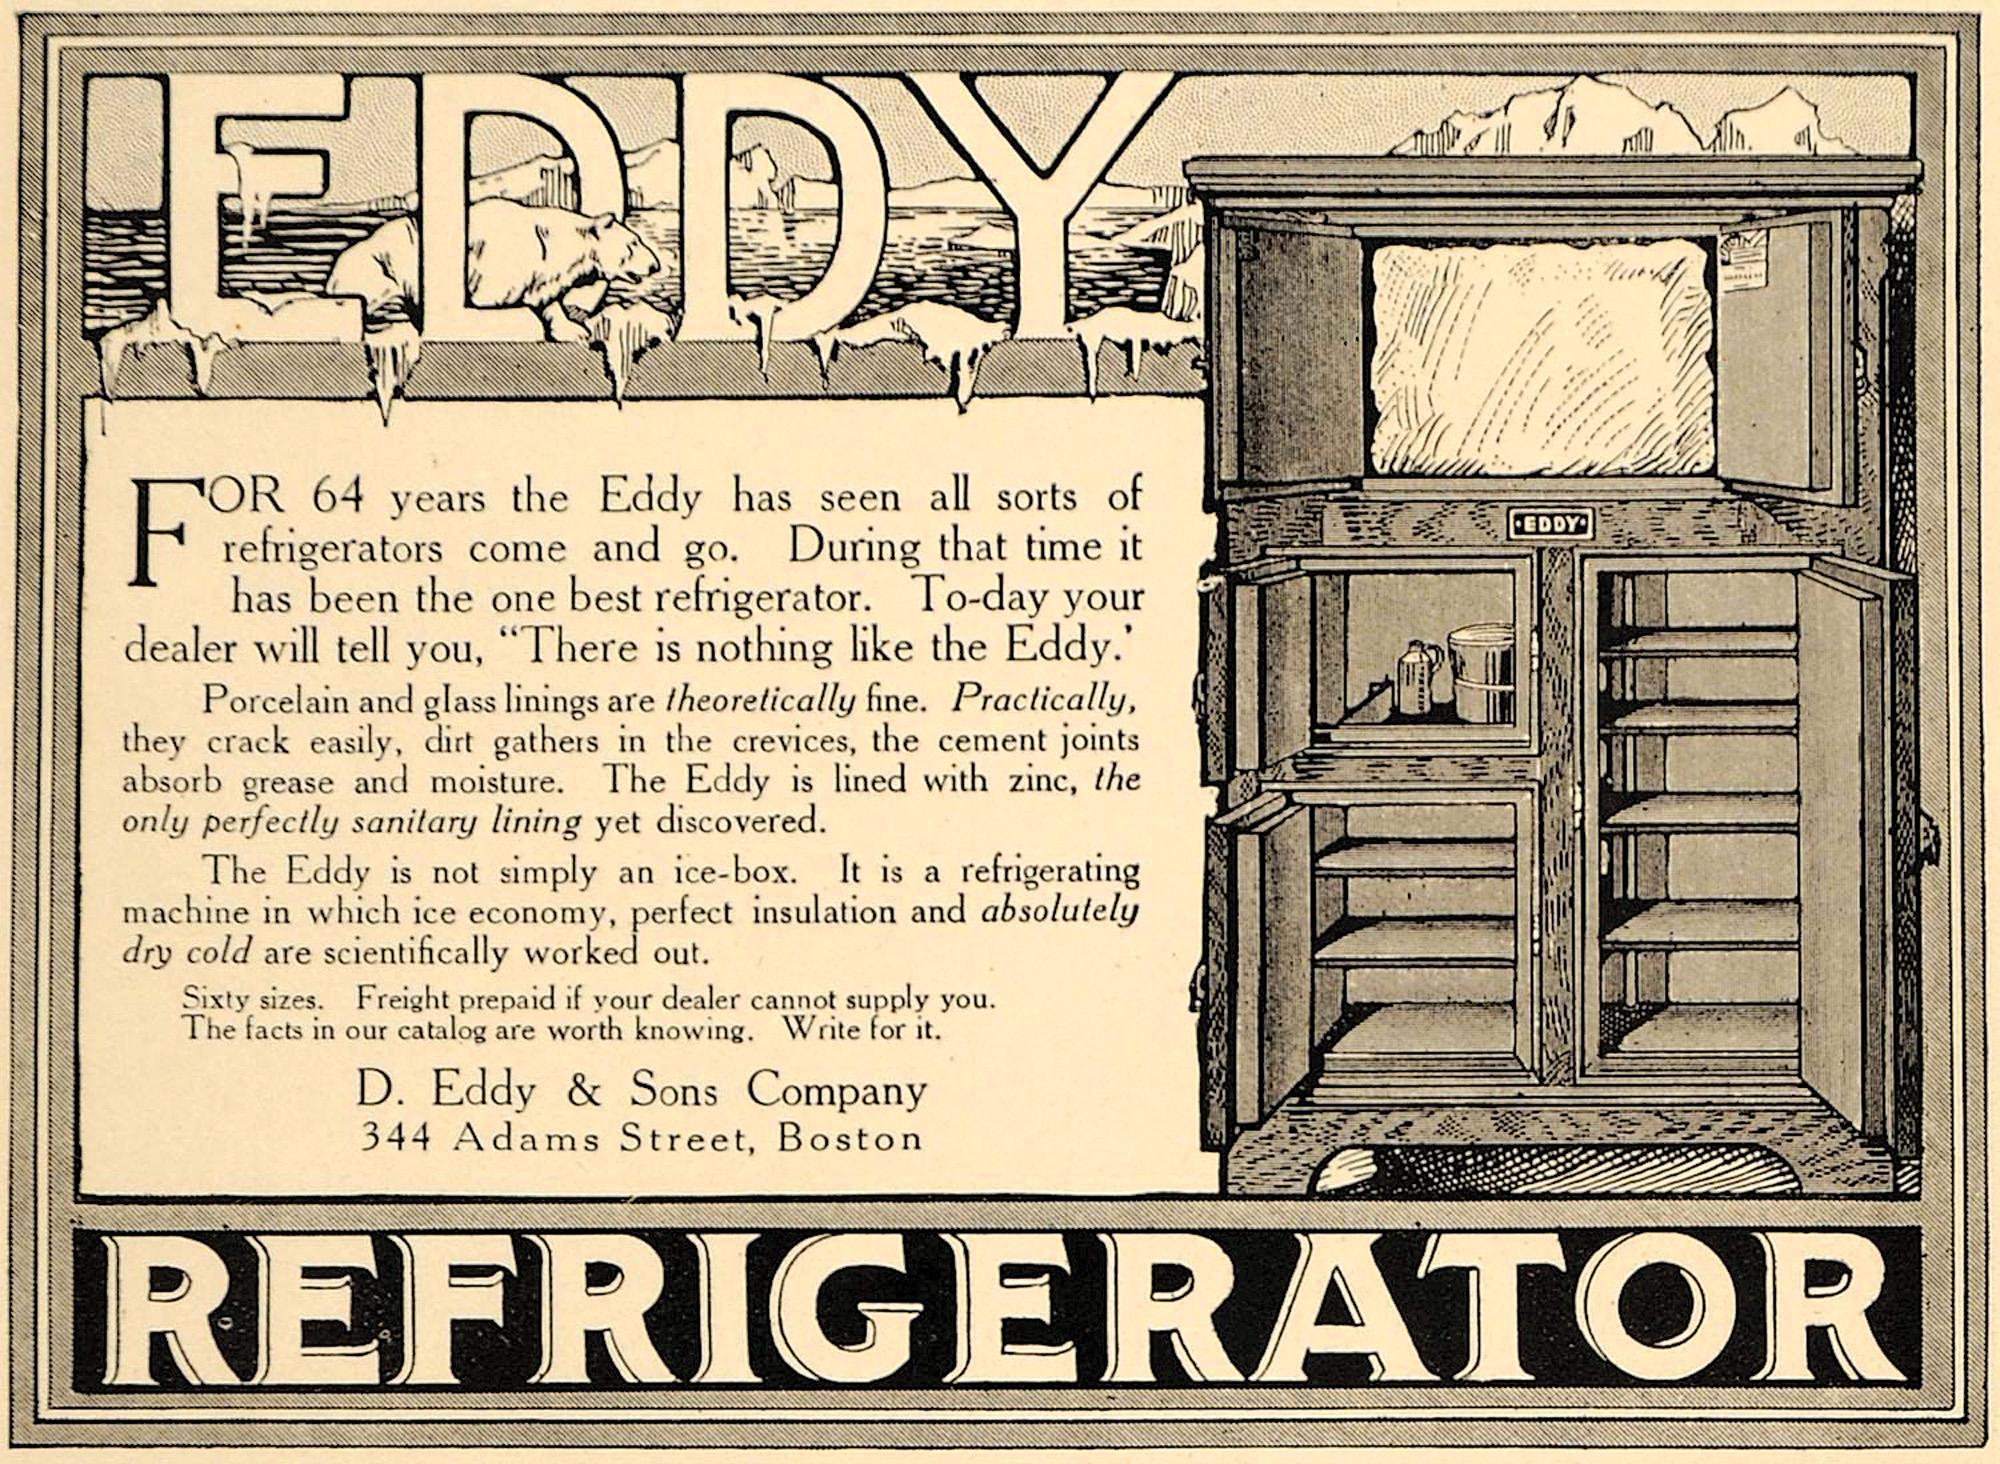 Eddy Refrigerator ad